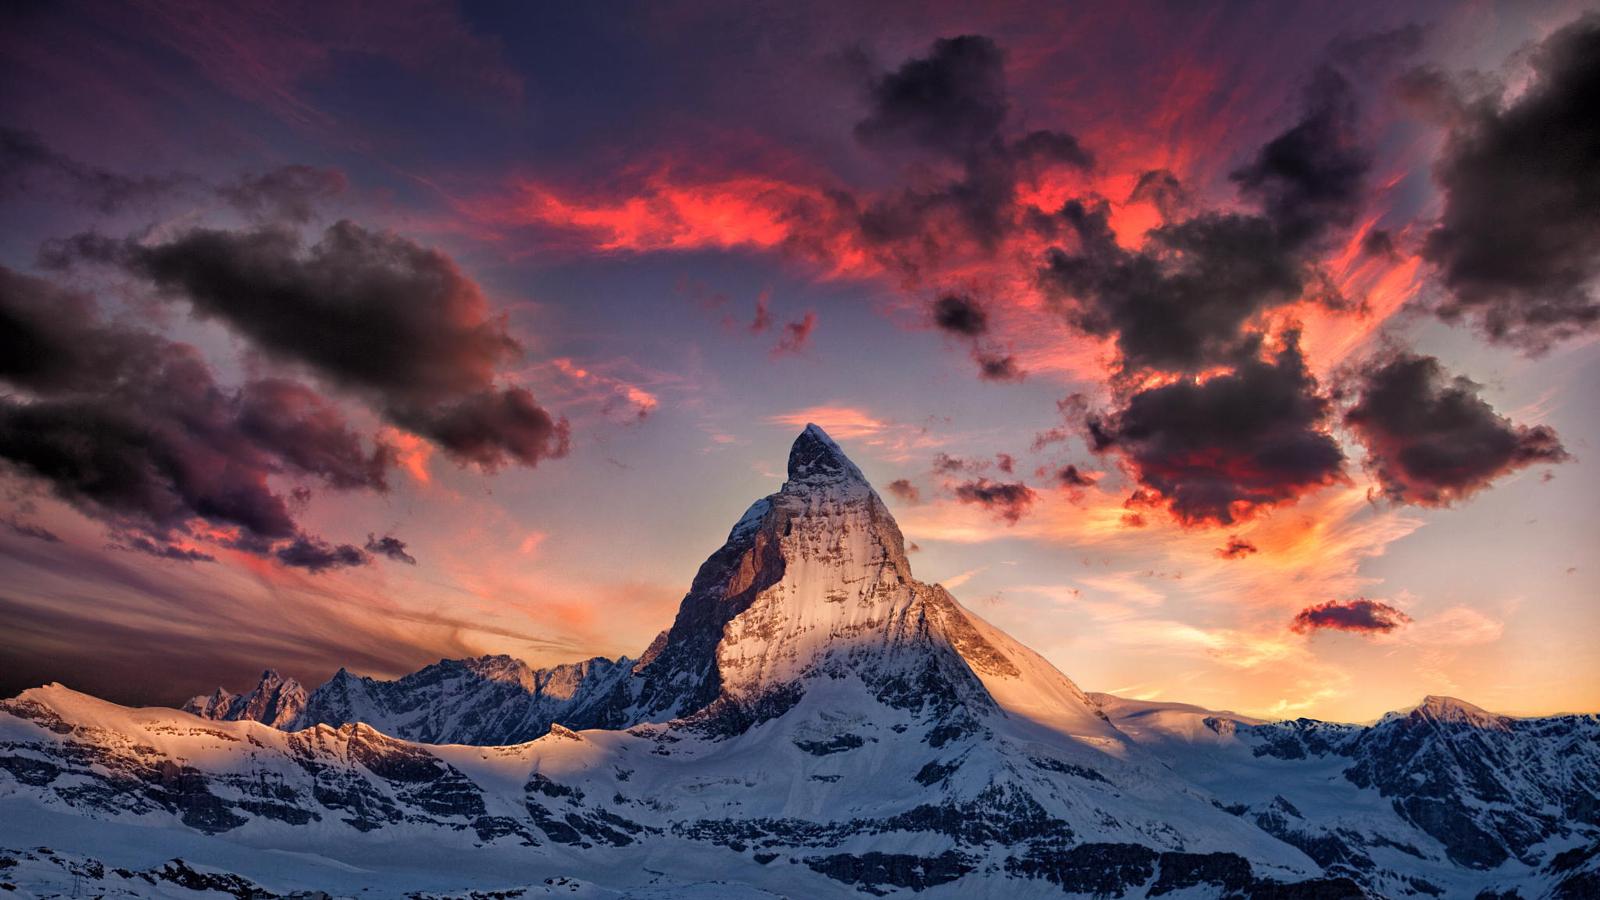 Самое интересное : Наши собачки любят с нами путешествовать в машине